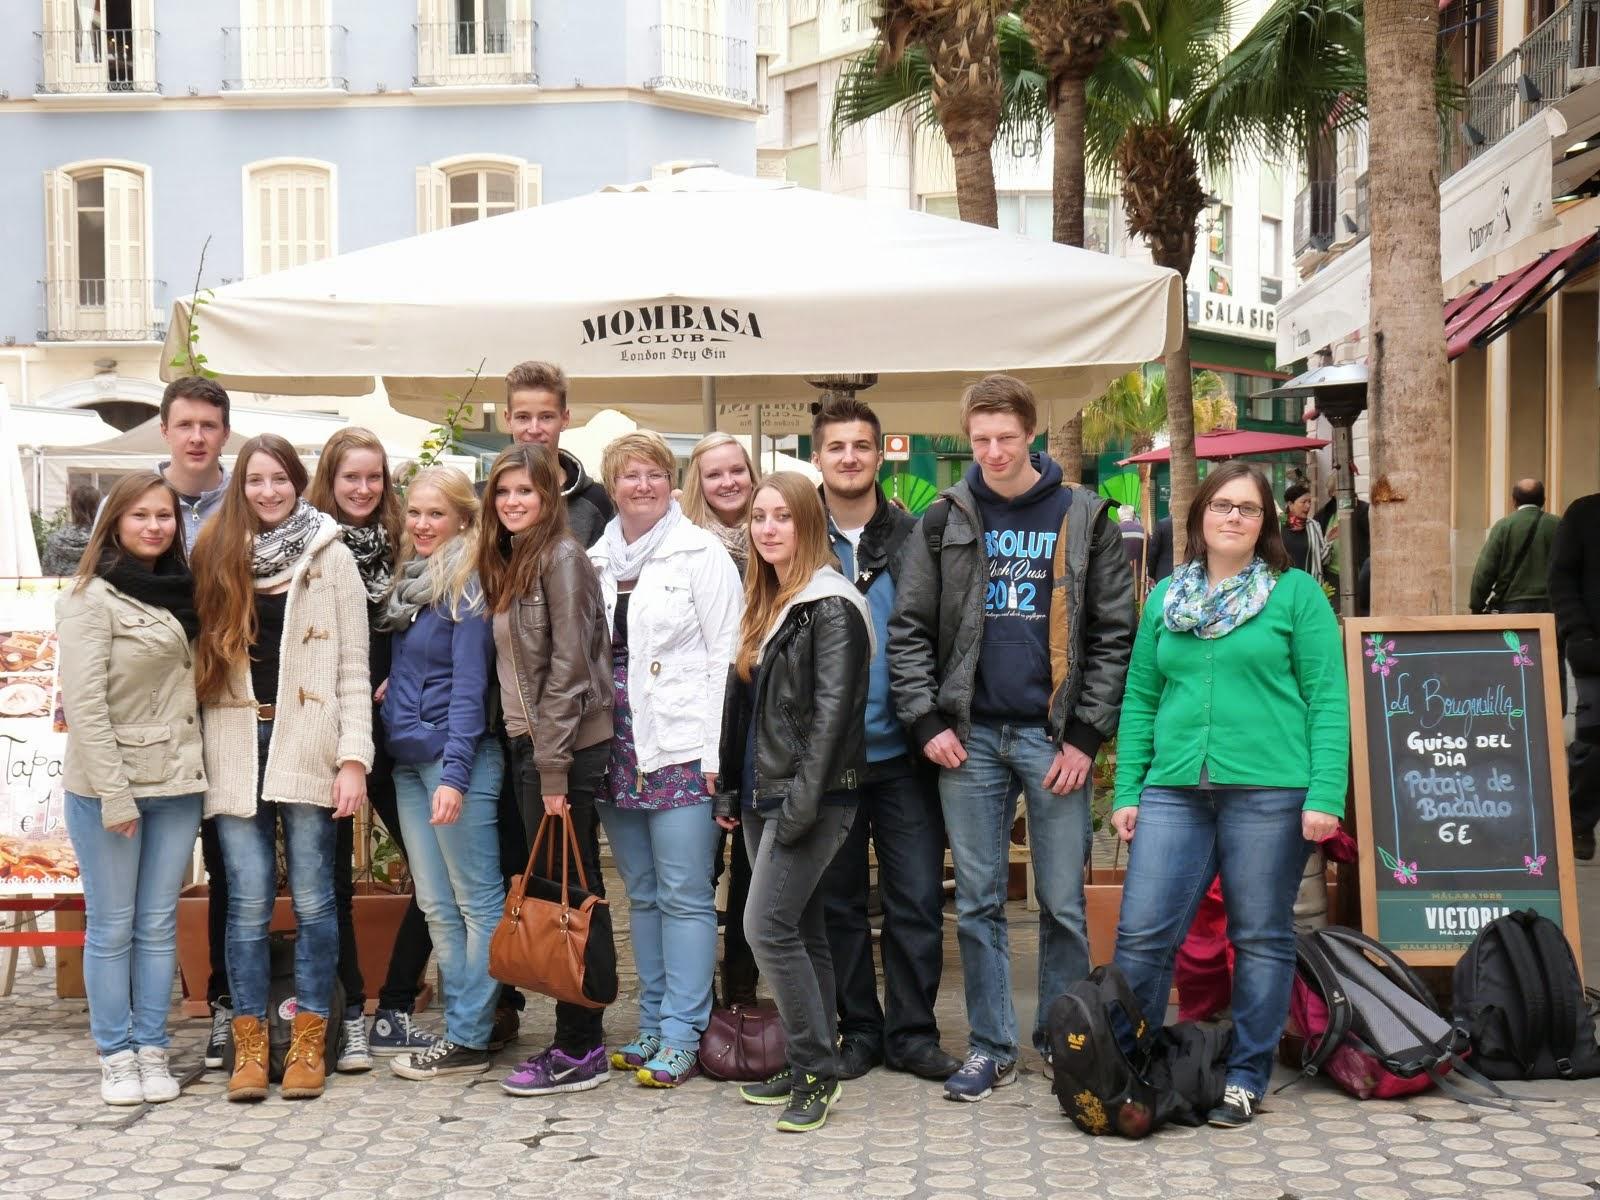 Malaga November 2013